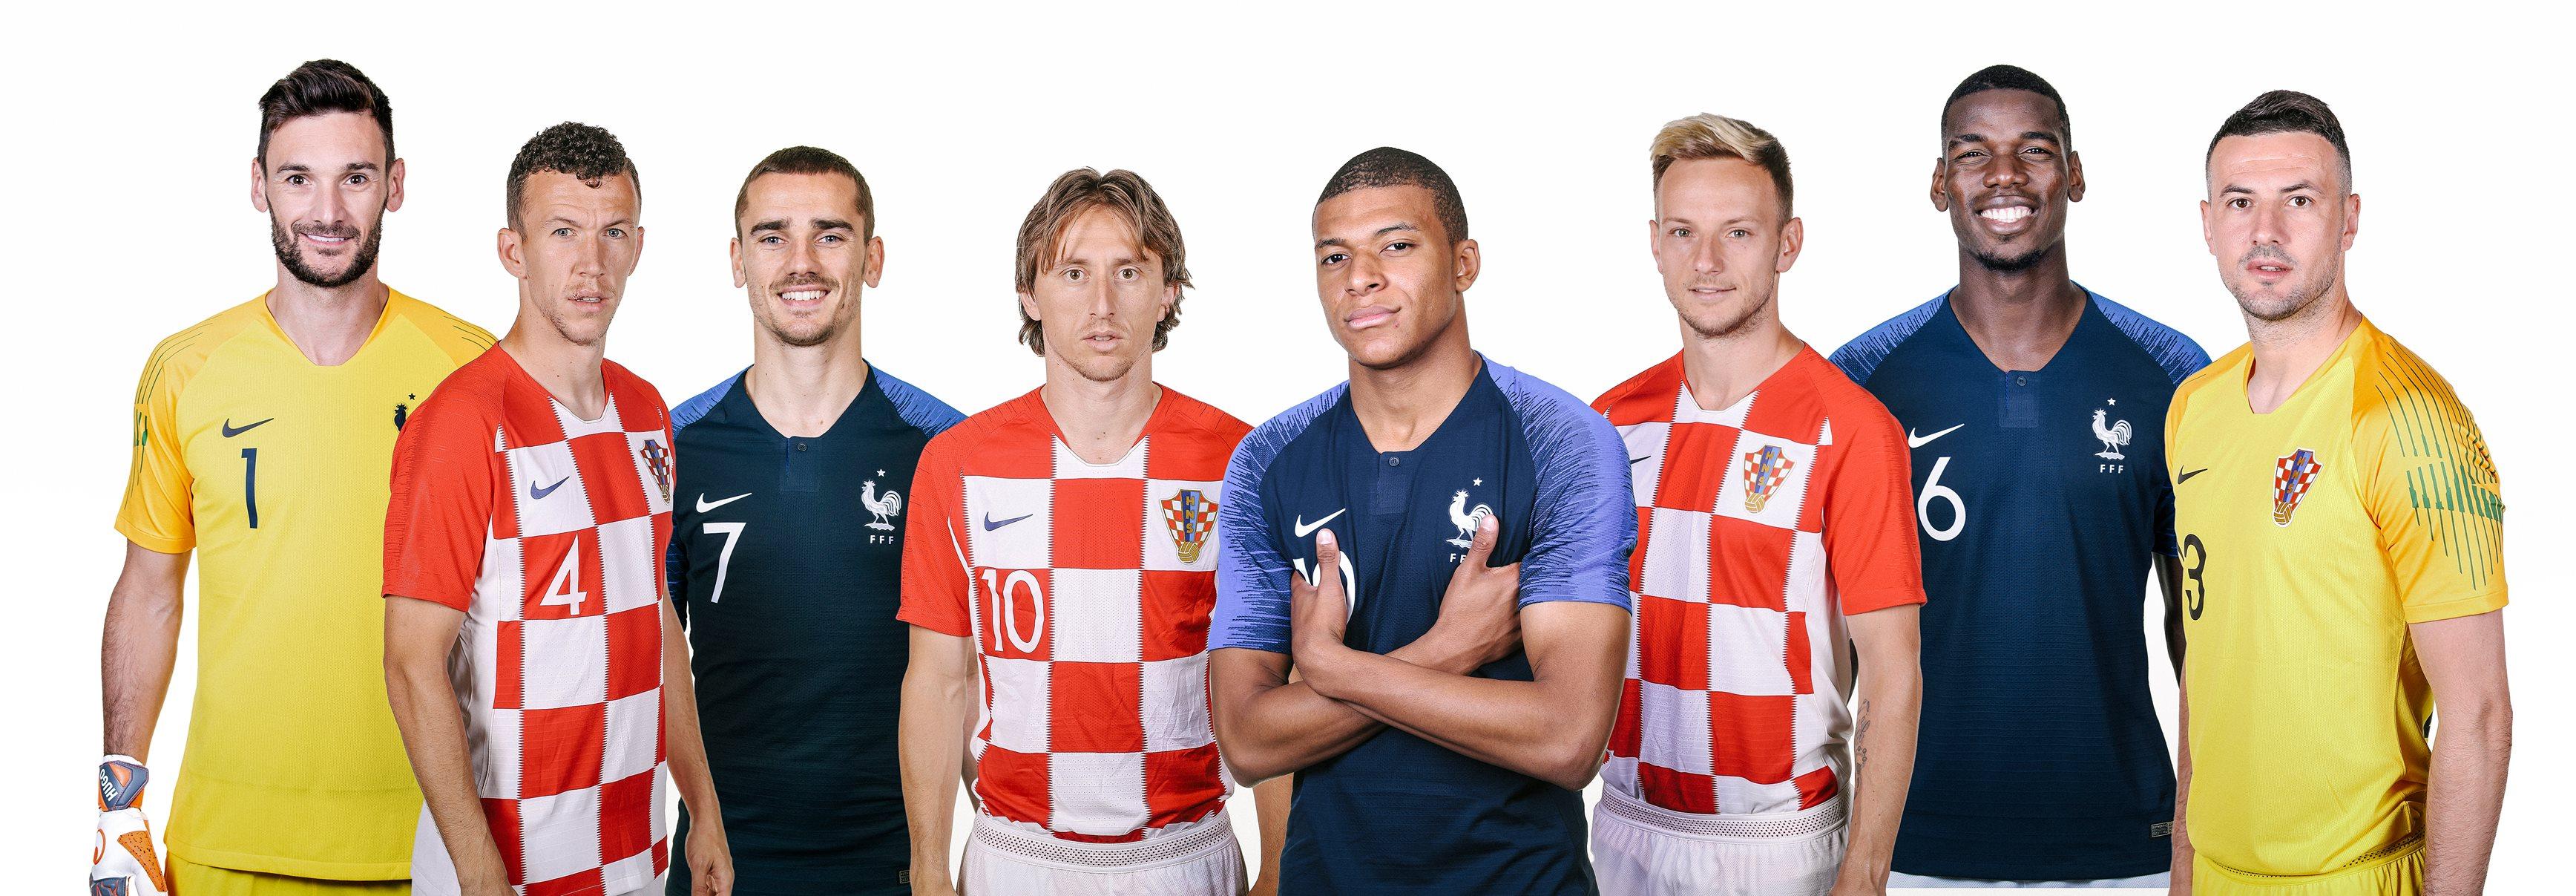 Bonus cotes pronostics comment bien parier sur la finale de la coupe du monde 2018 france - Pronostic coupe de france ...